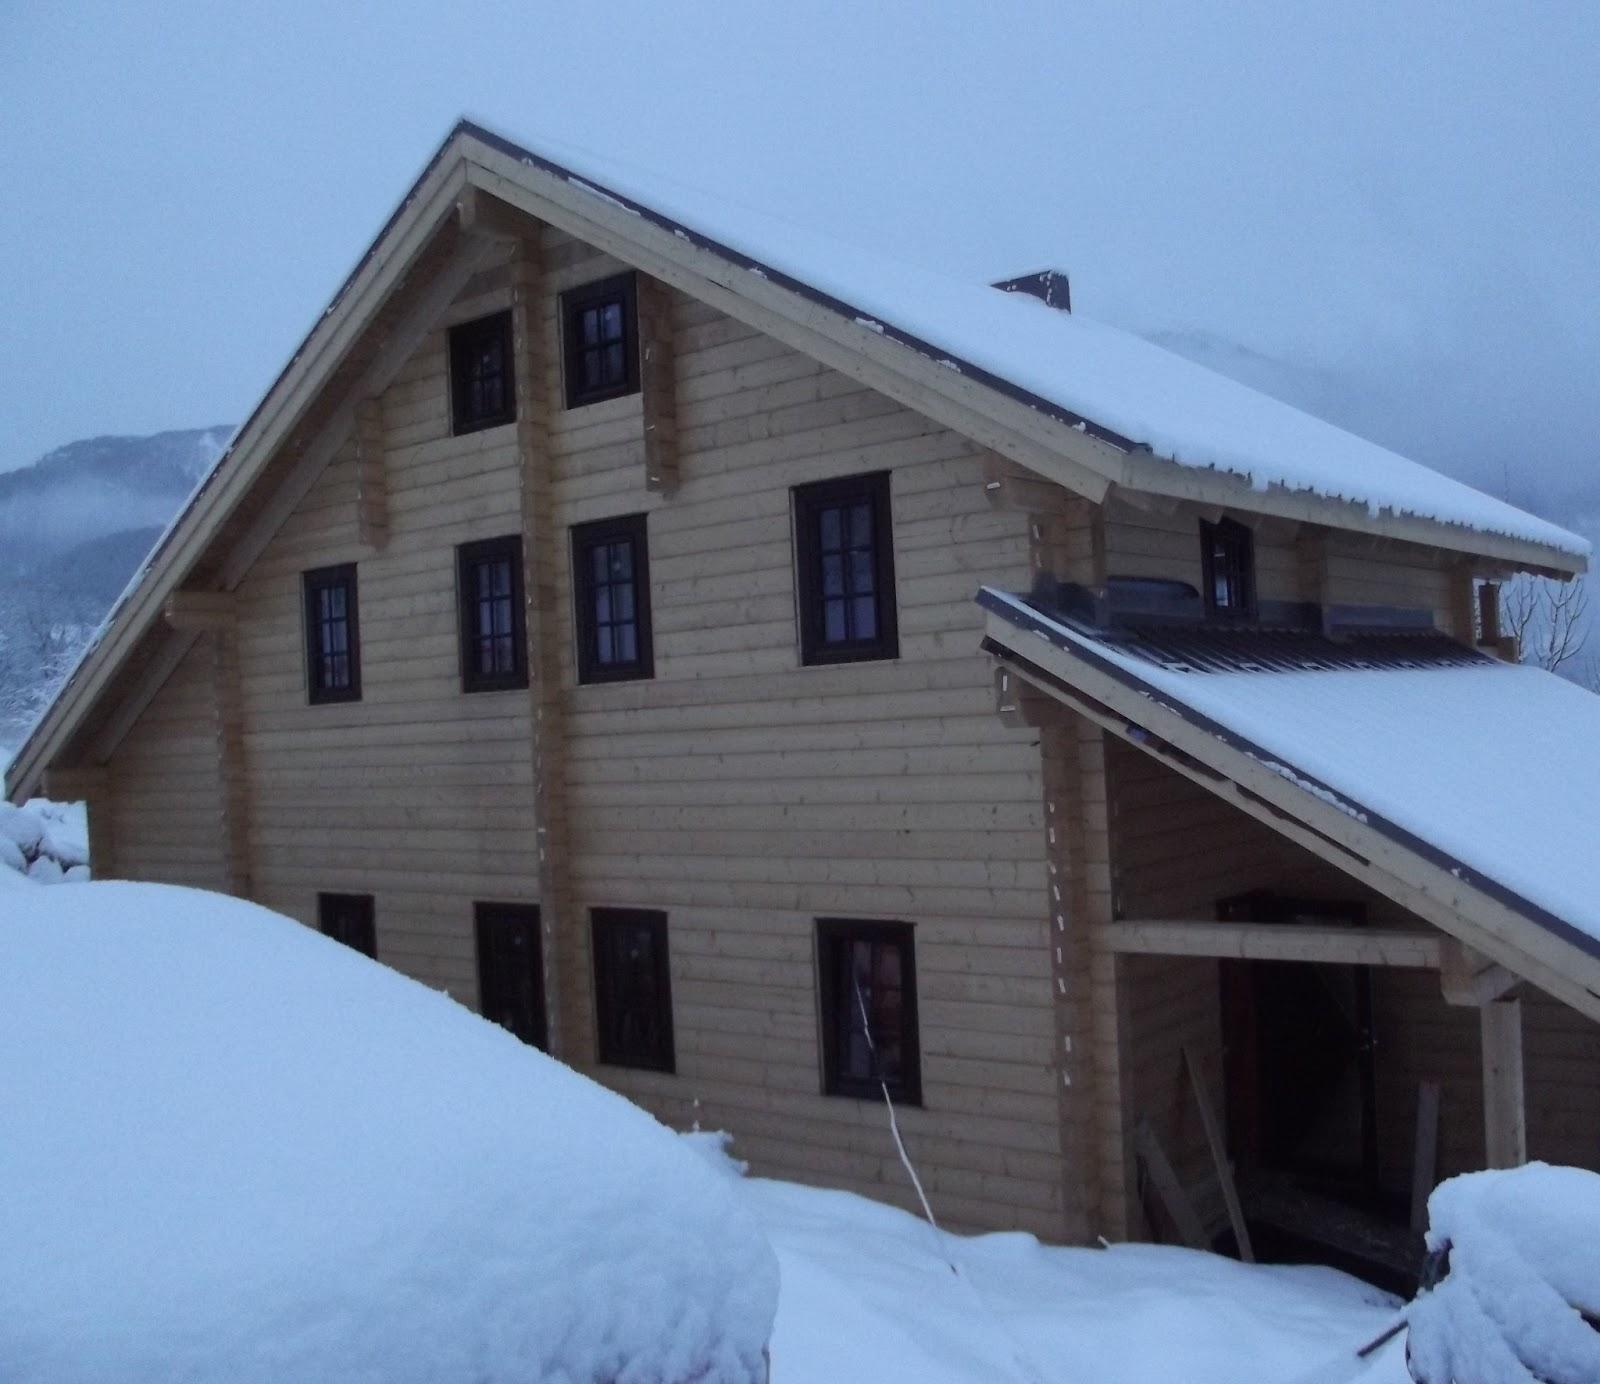 Maisons bois massif France Suisse pagnie des Chalets Exemples